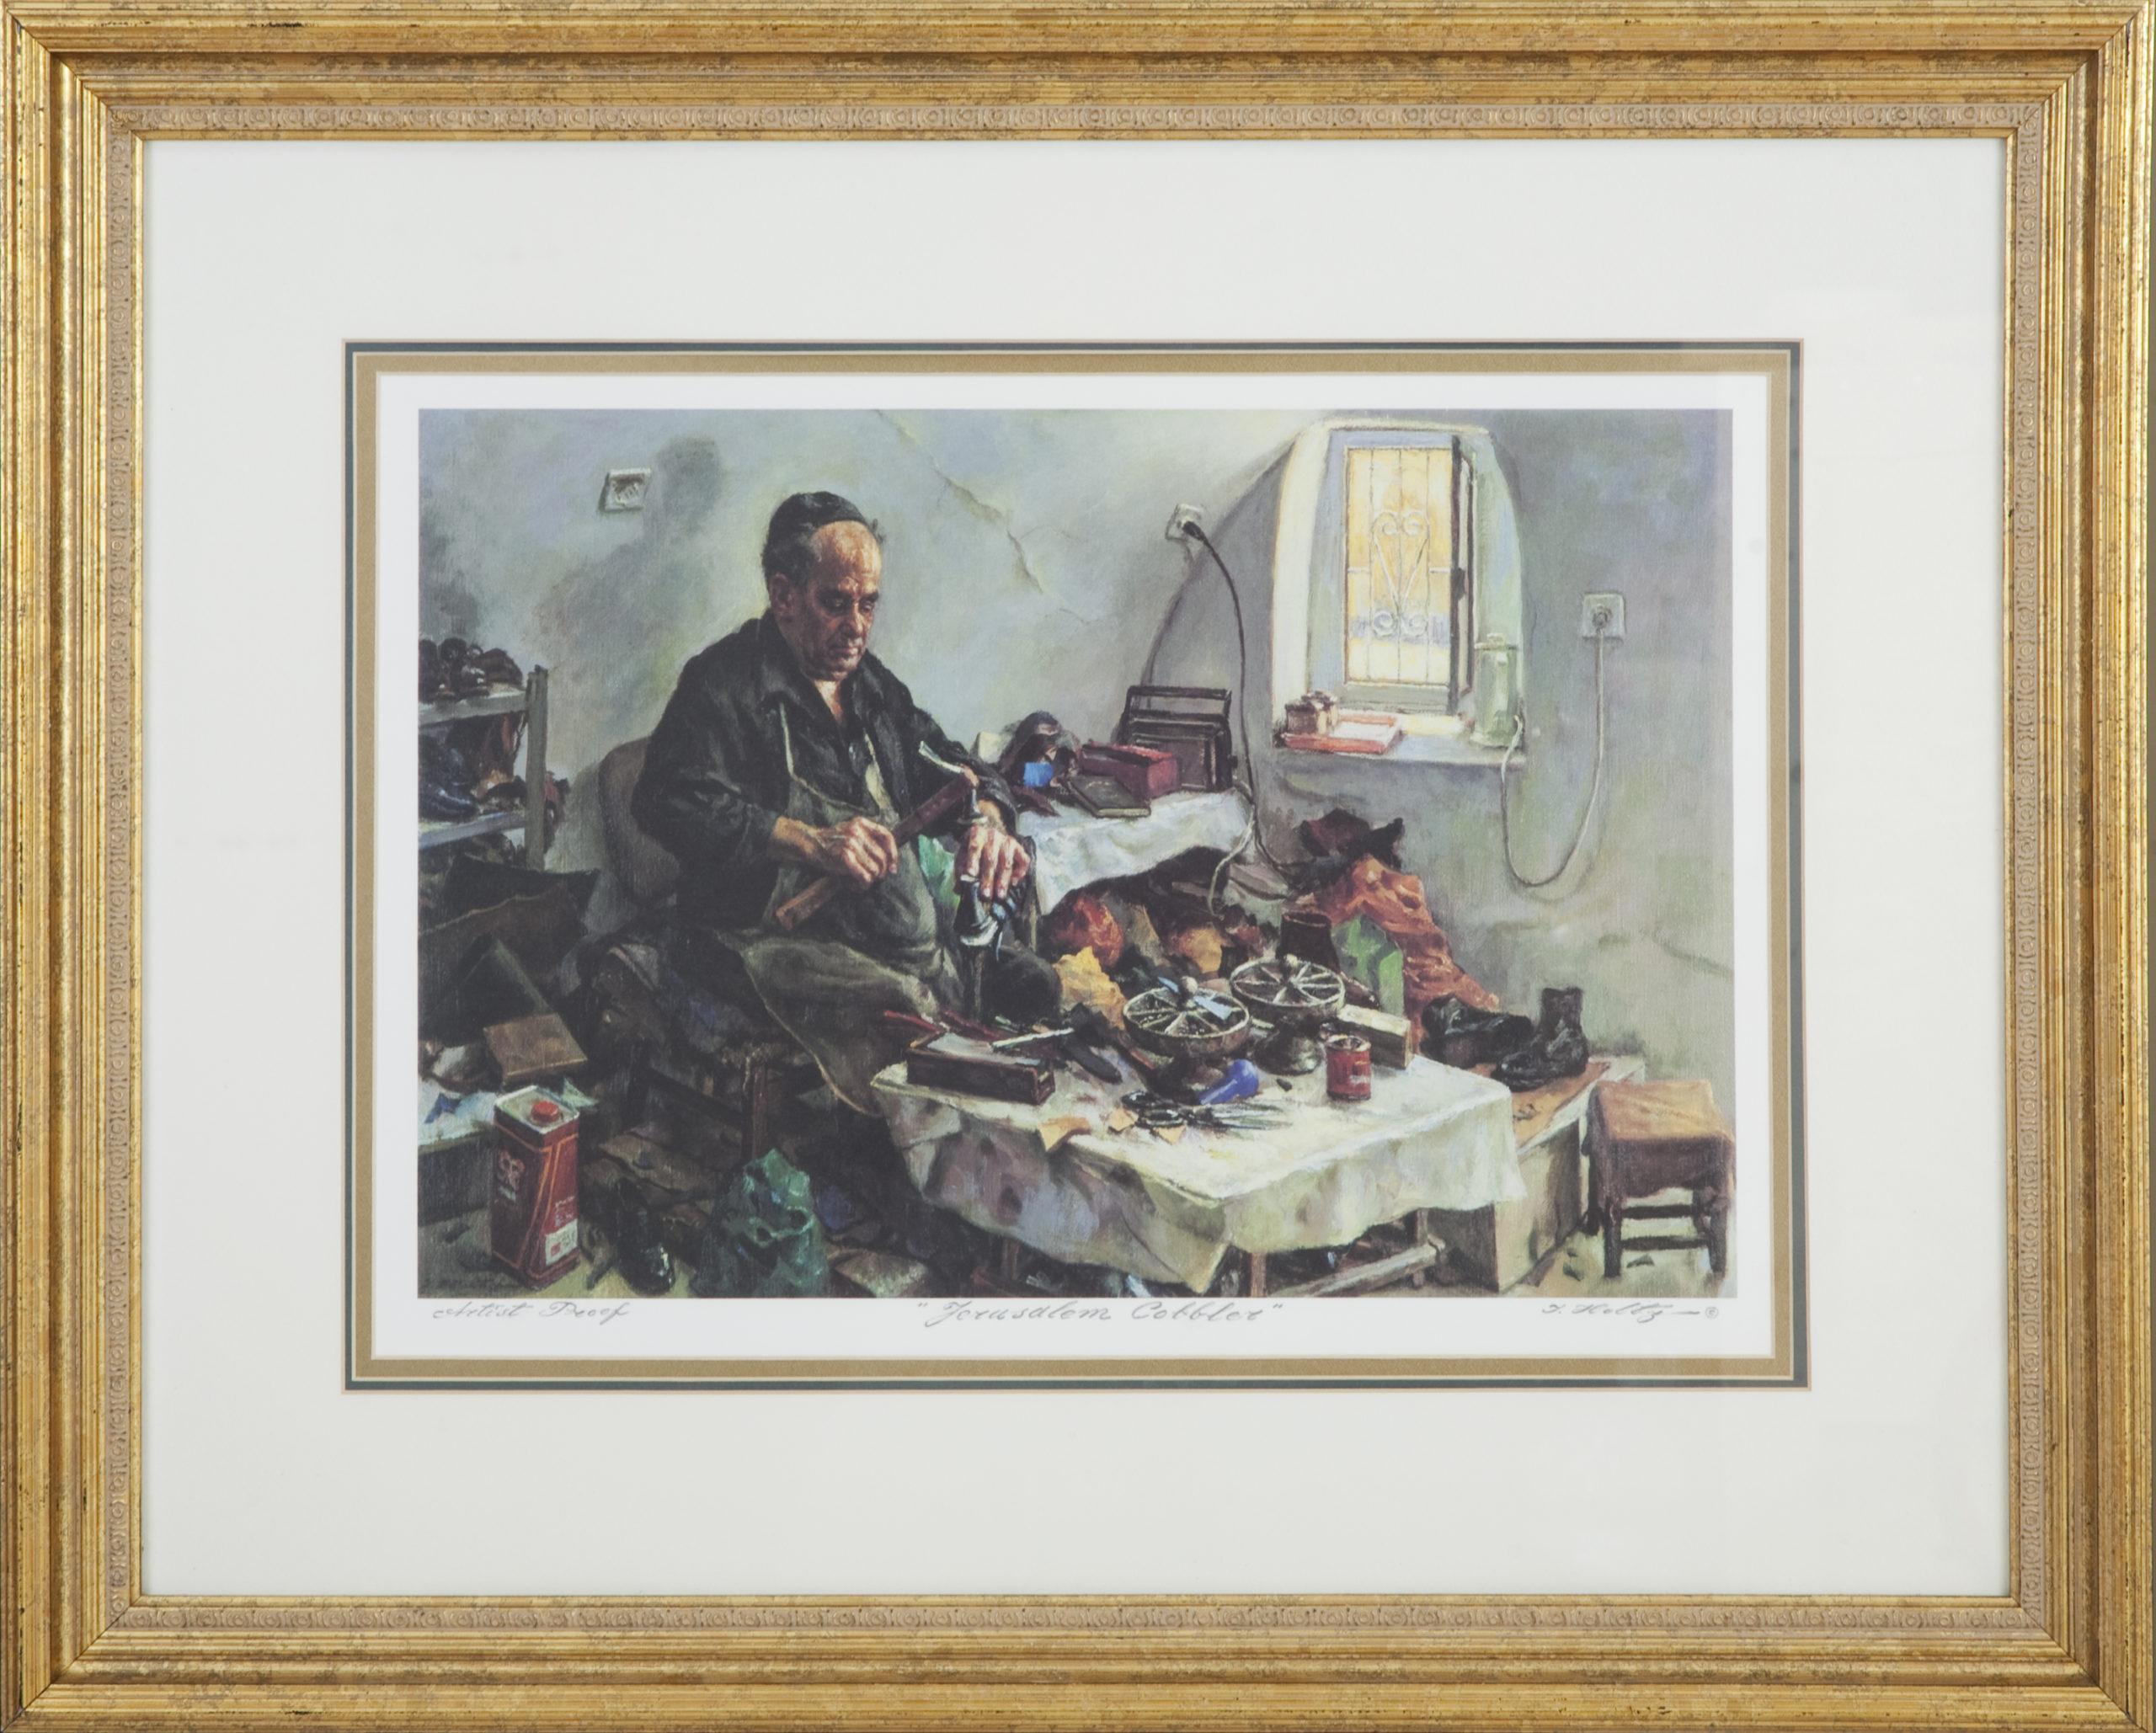 L07F Jerusalem Cobbler - Color - Lithograph - 32 x 25.5 - Framed